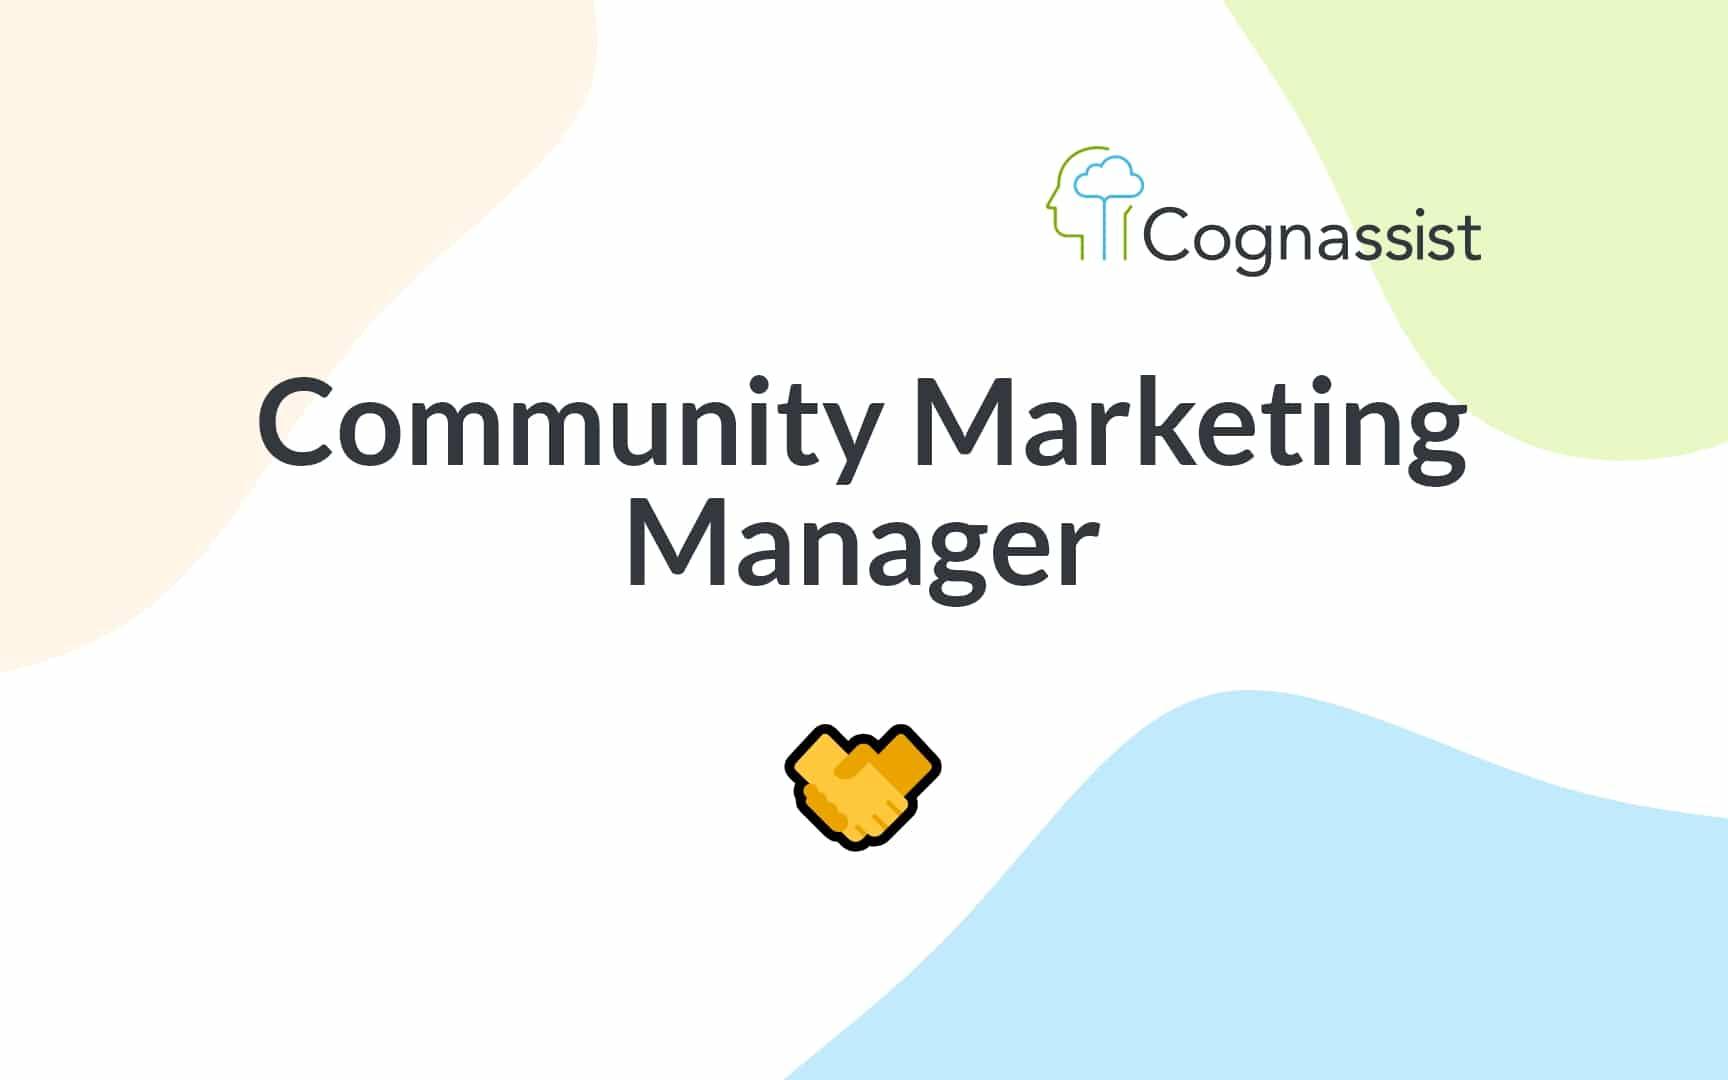 Image: Community Marketing Manager role